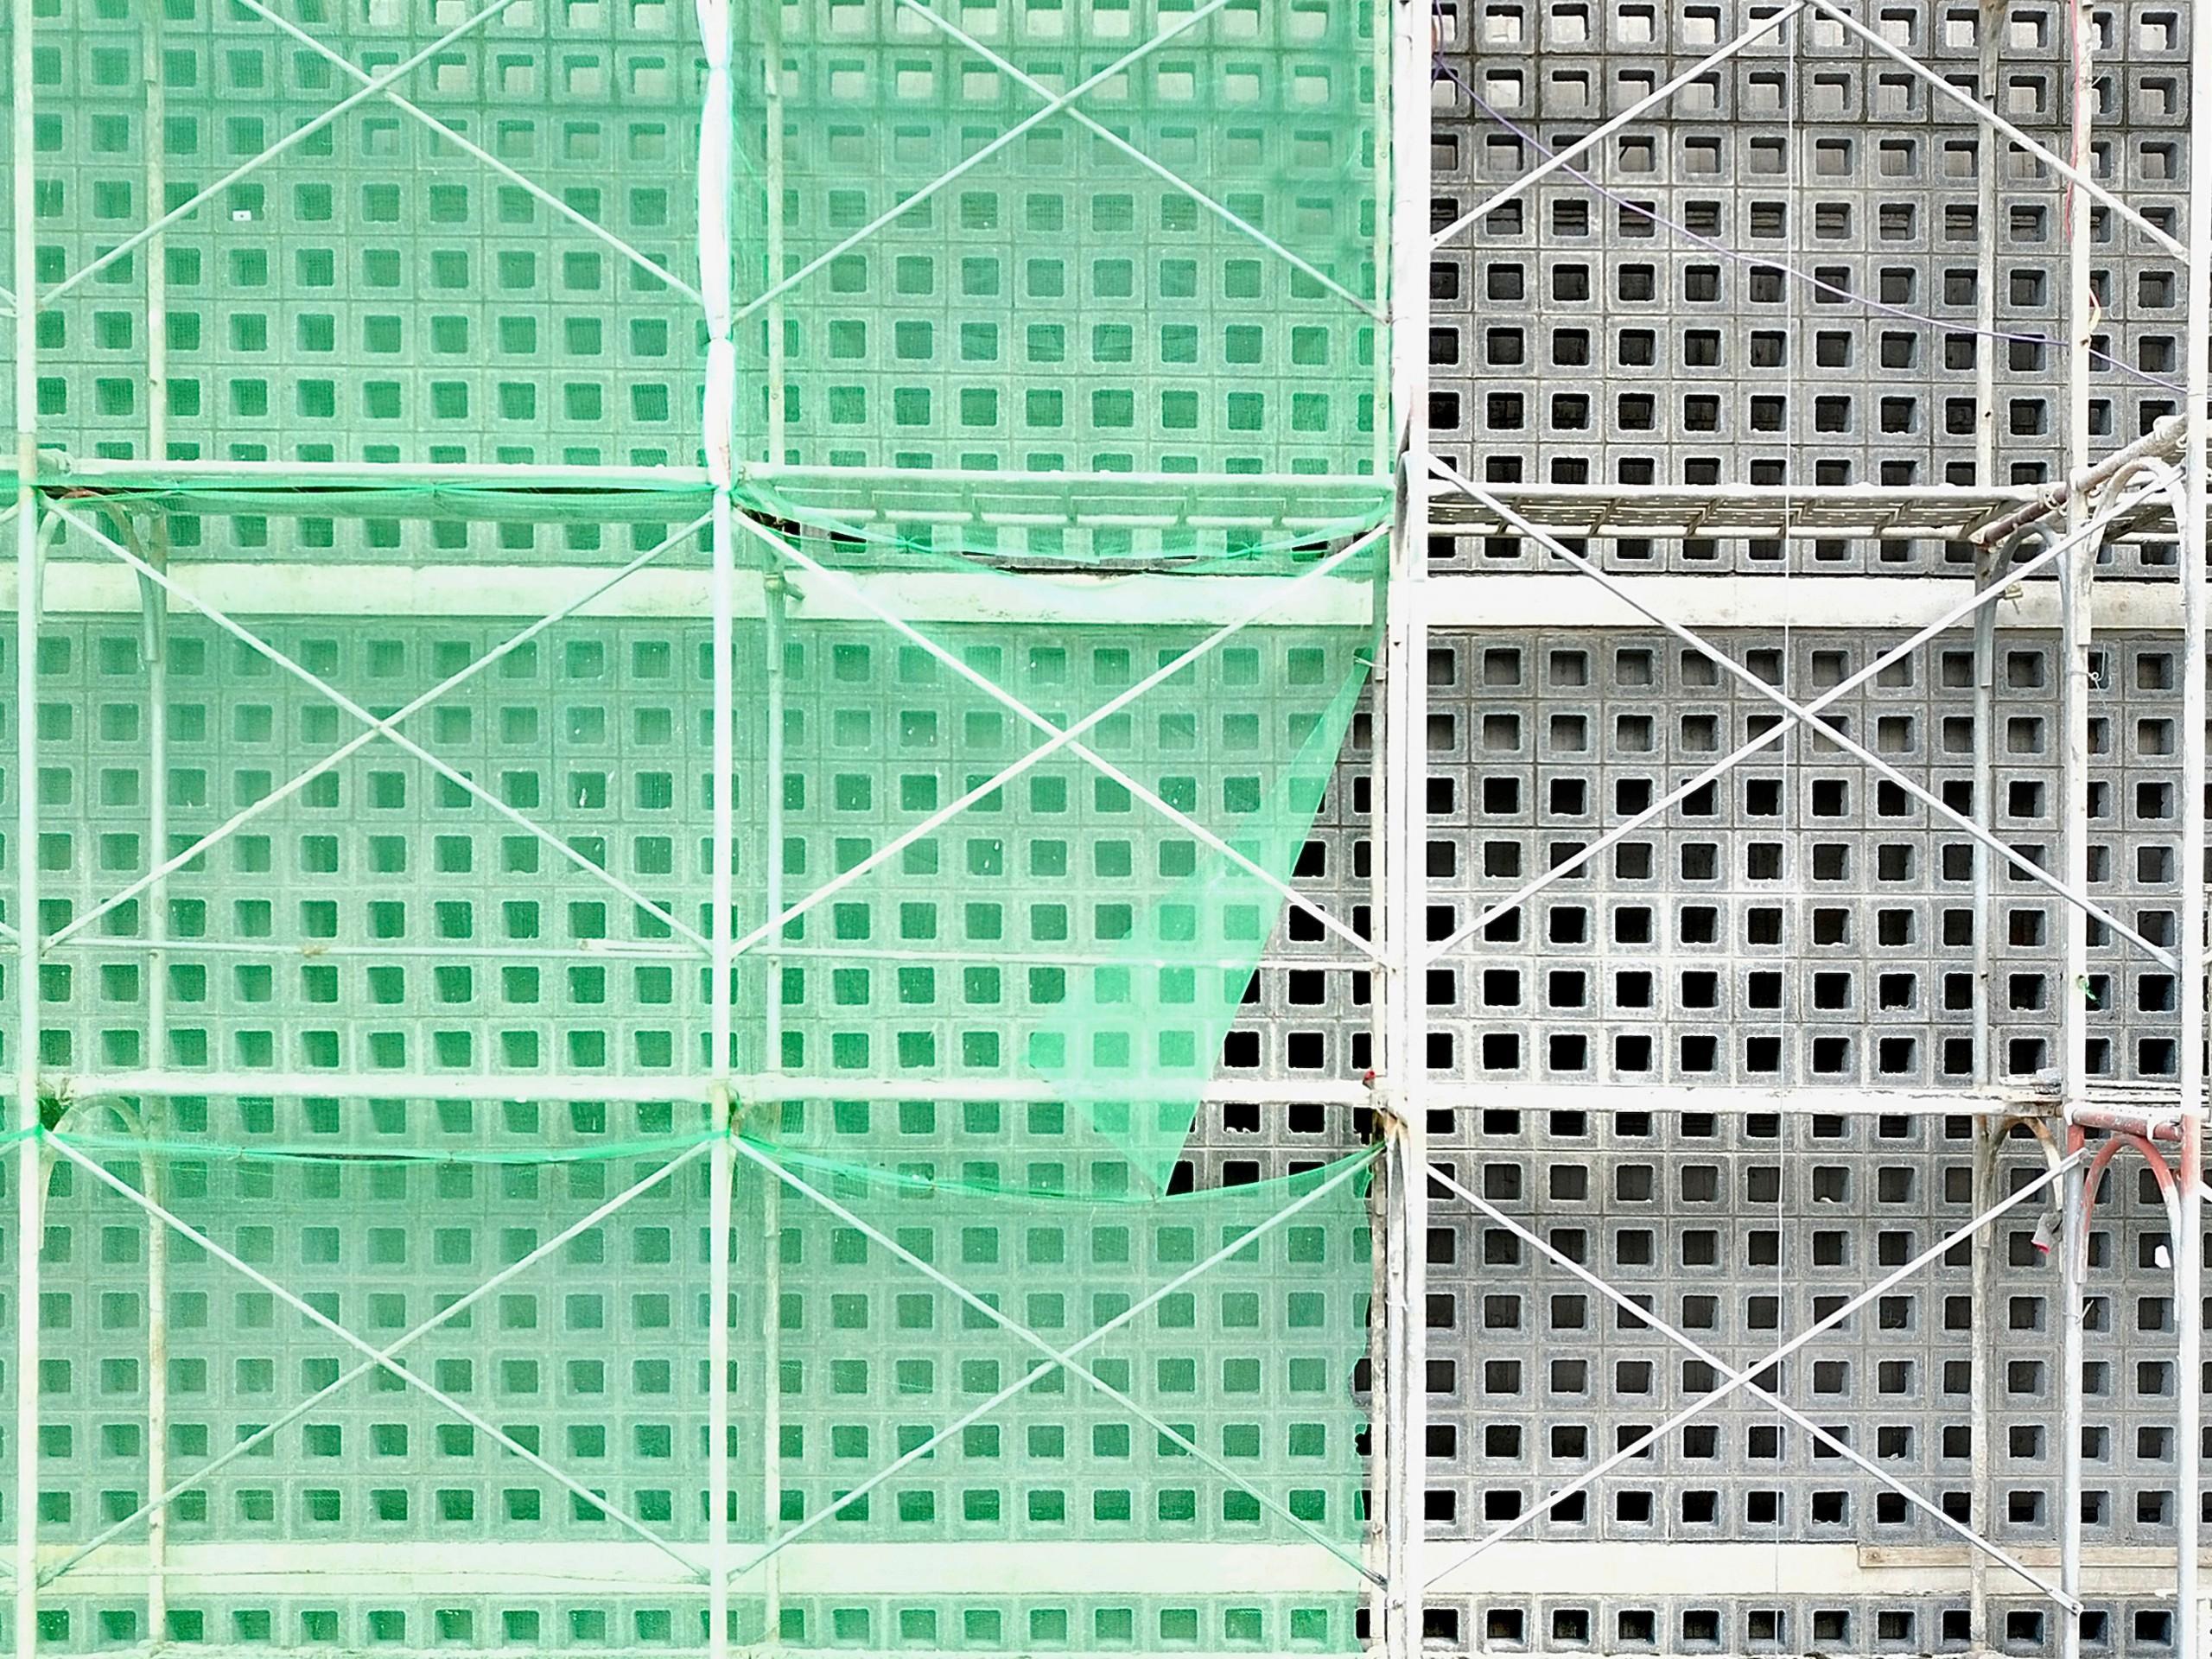 德築-DEZU-project-Zutian-architecture-real-estate-engineering-hollow-brick-5